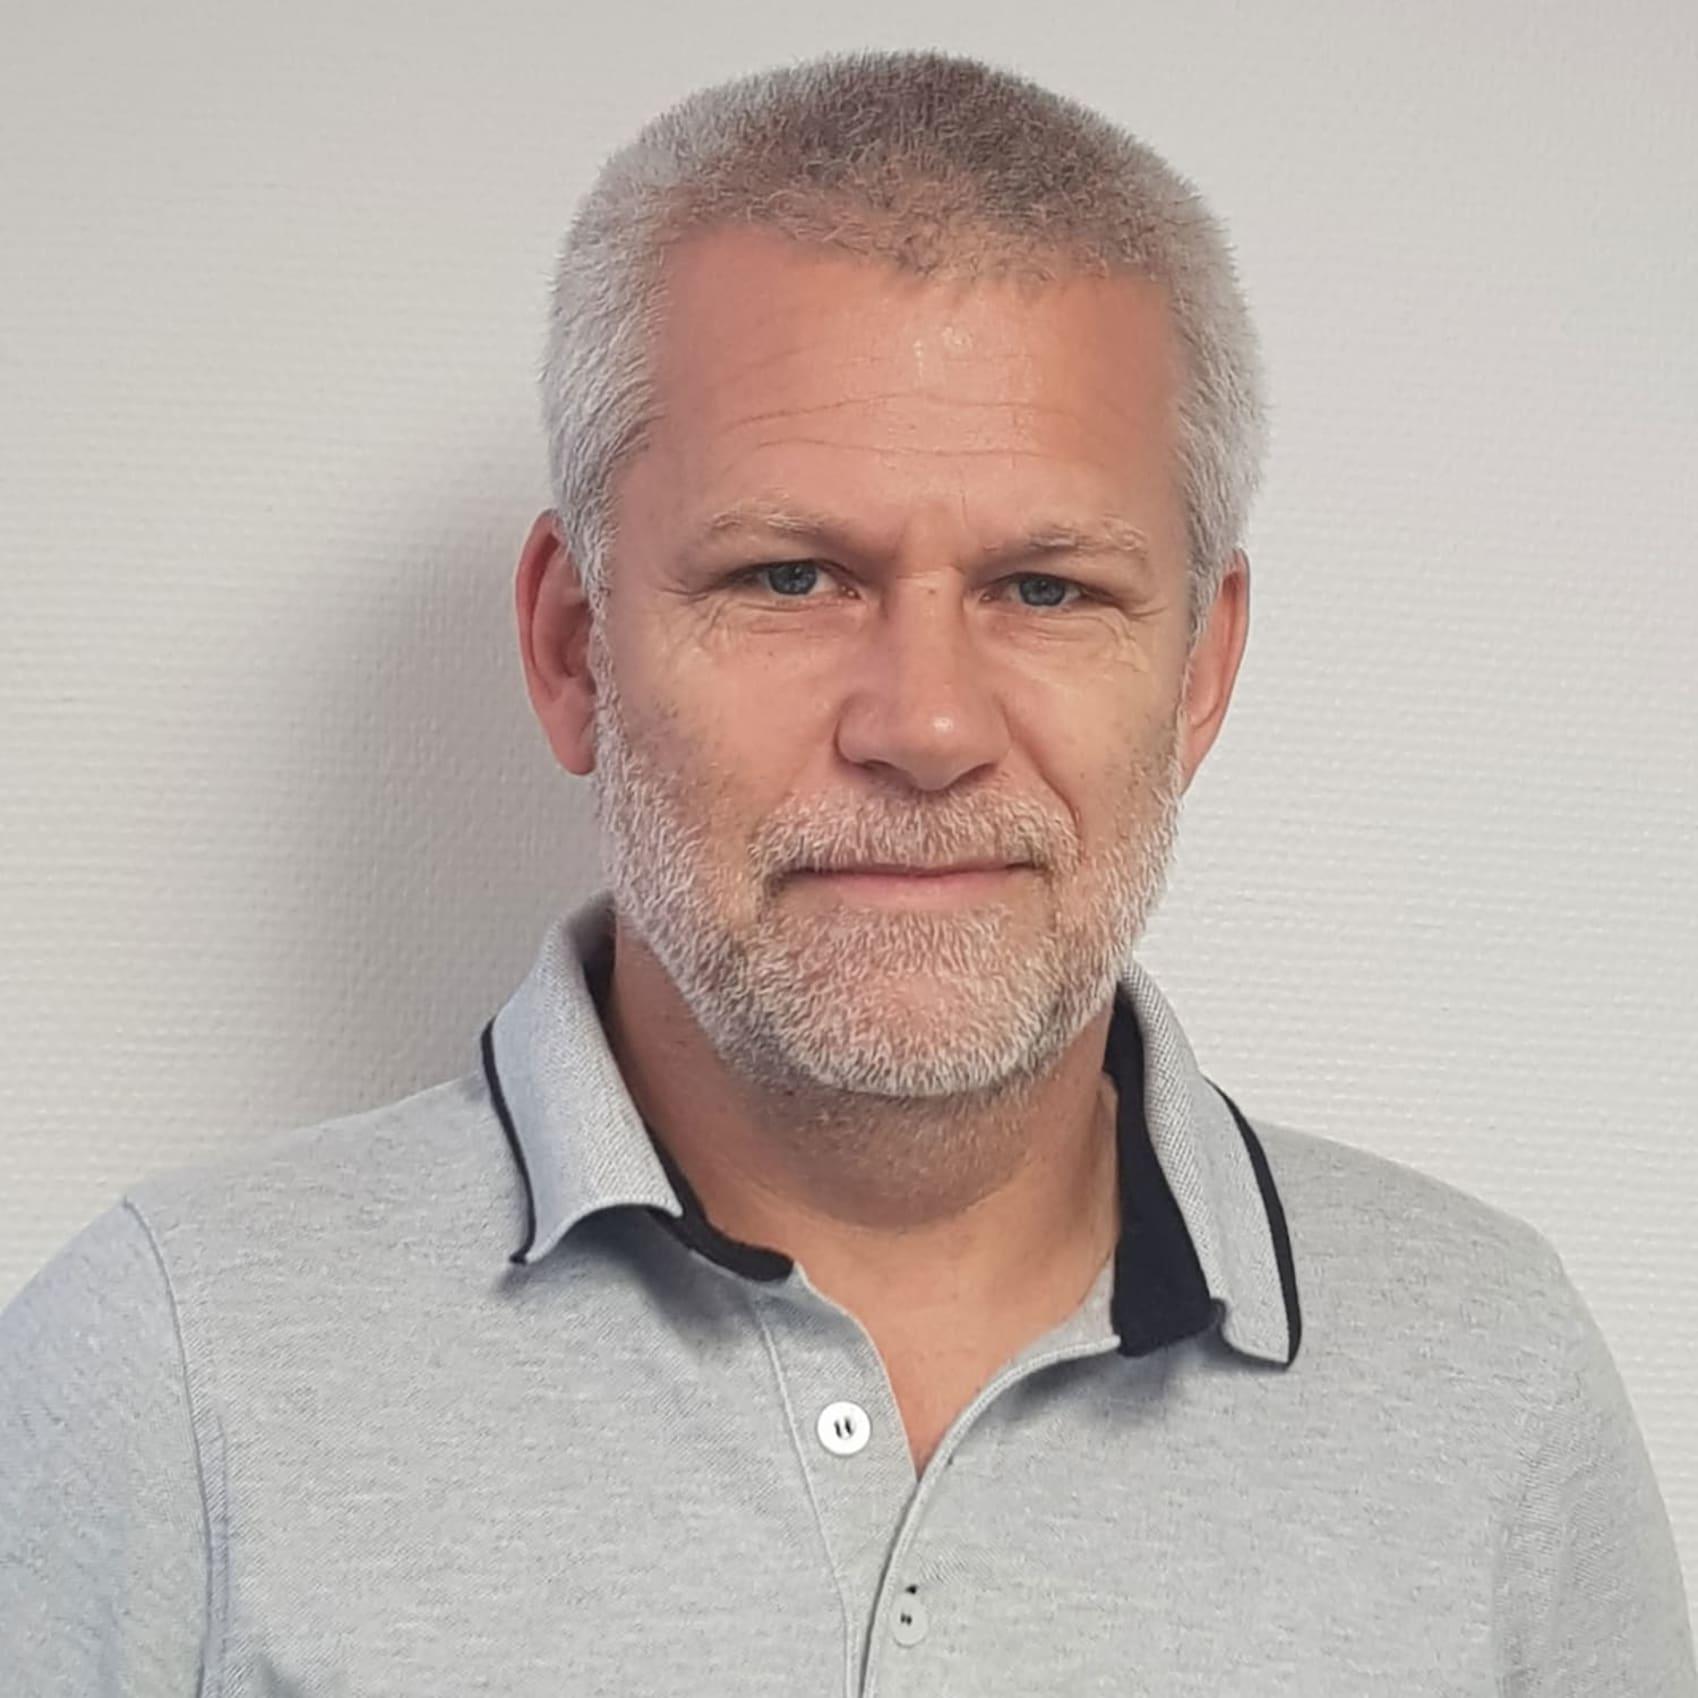 KARRIERECOACH I FINANSFORBUNDET: Christian Bratsberg er utdannet siviløkonom og gestaltterapeut, og er også en av Finansforbundet sine egne karrierecoacher.